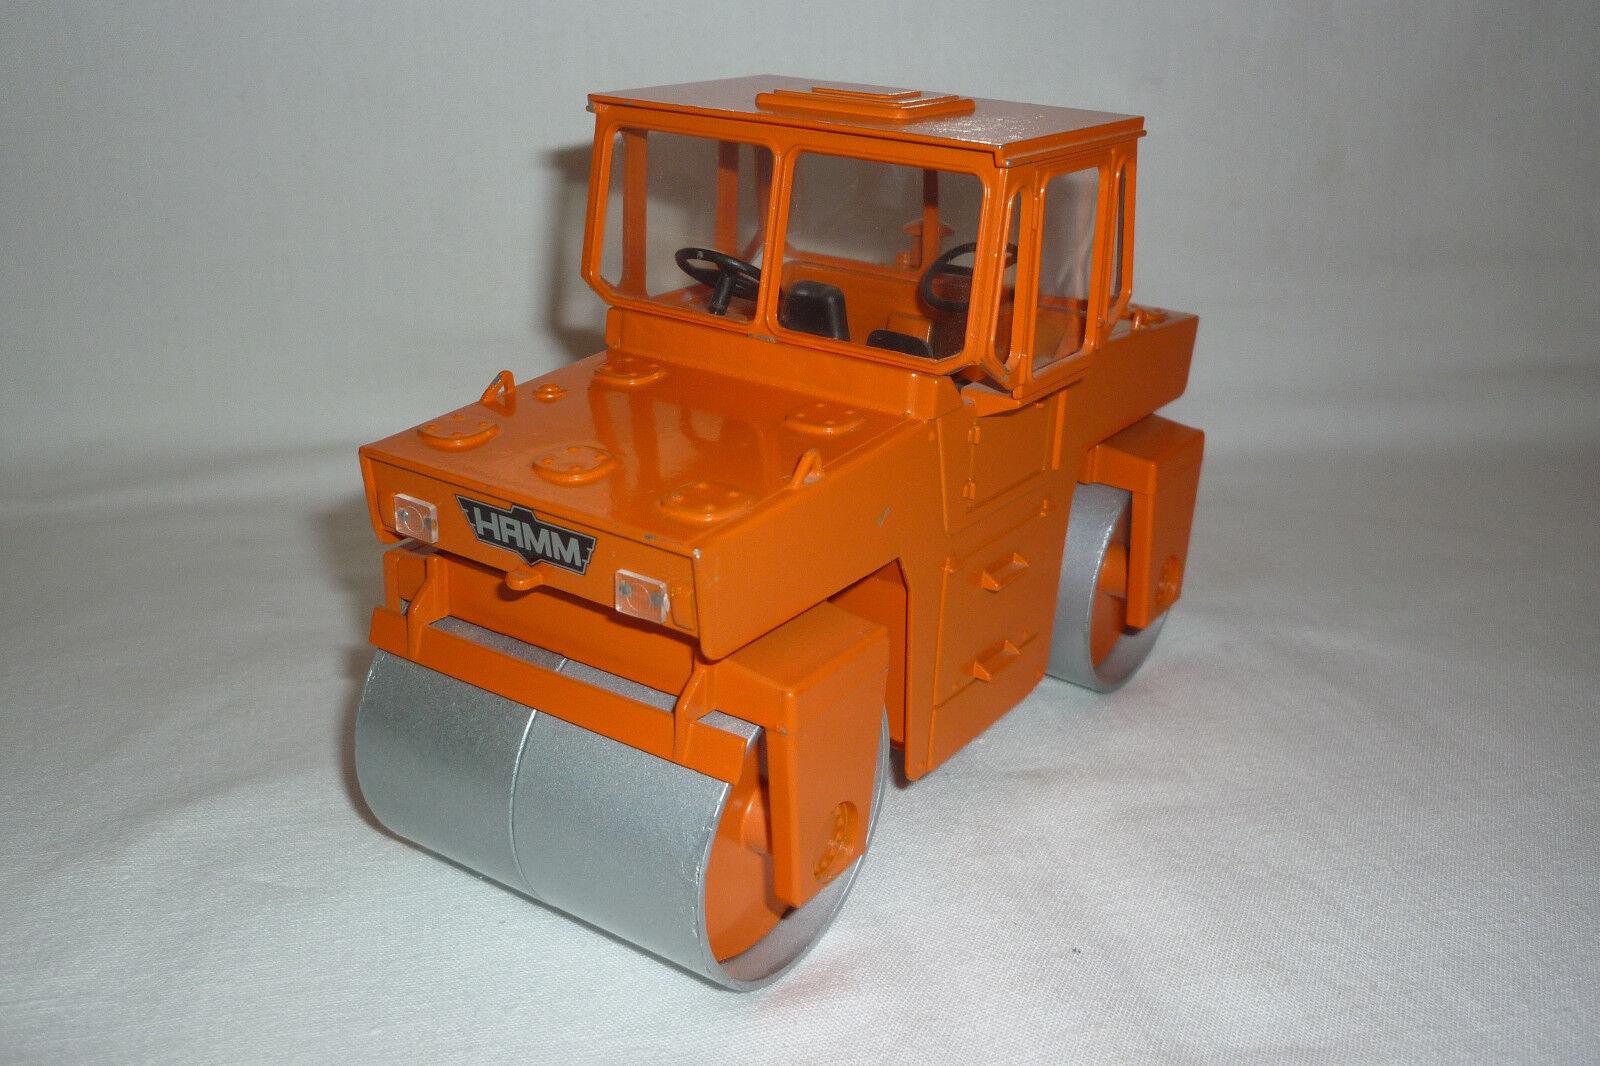 Nzg - Metal Model - Hamm Dv 8 - Tandem Roller - 1 25 - (8.BM-48)